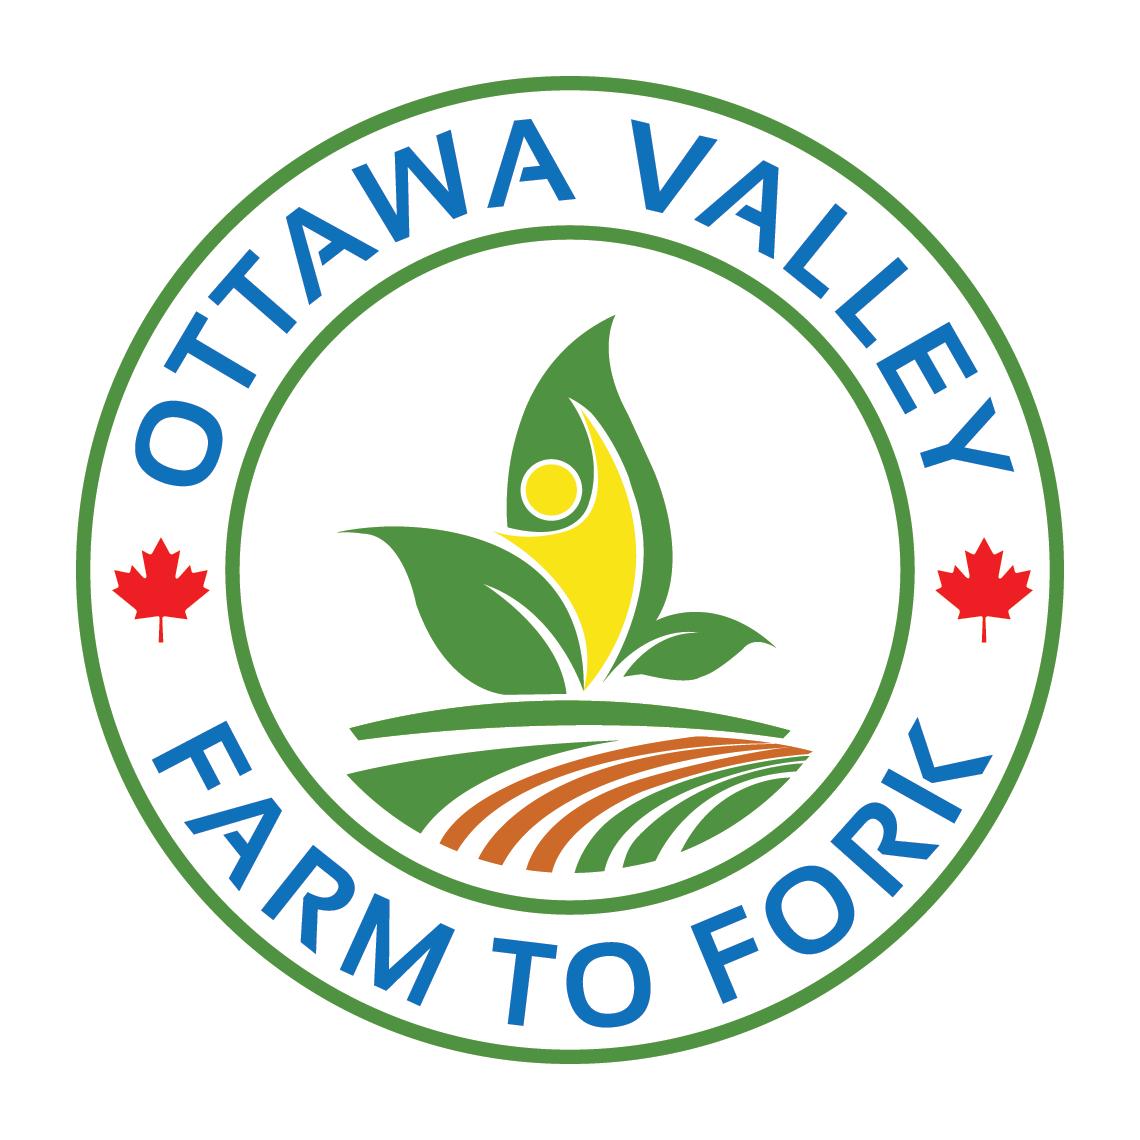 Ottawa Valley Farm to Fork